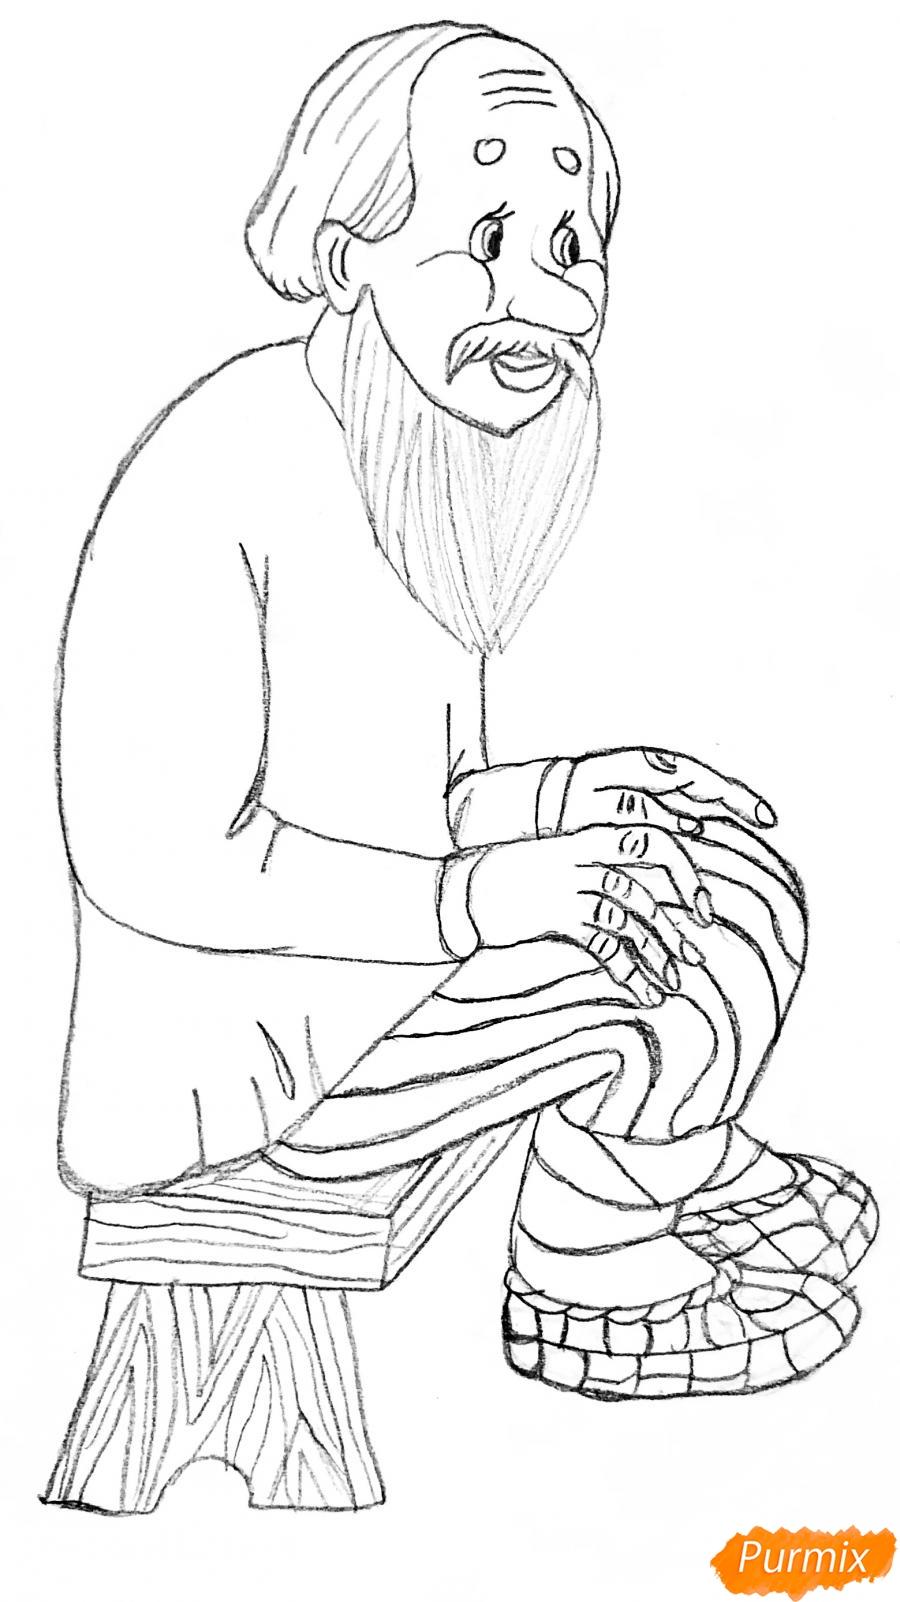 Рисуем деда бабку и колобка из сказки цветными карандашами - фото 4